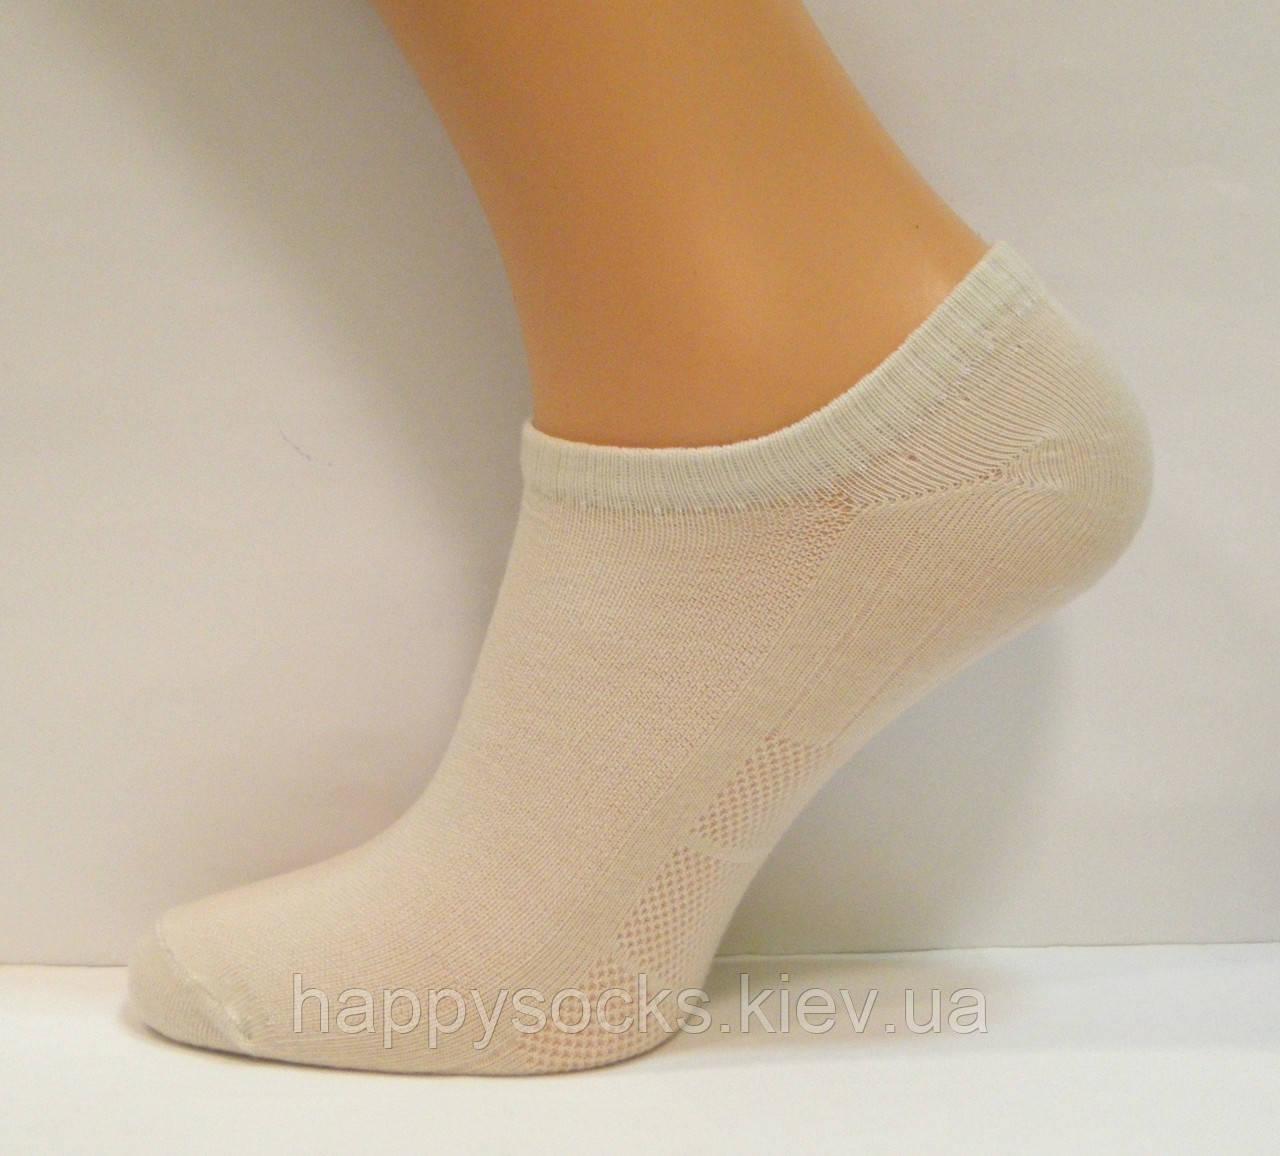 Летние низкие женские носки в сетку бежевого цвета